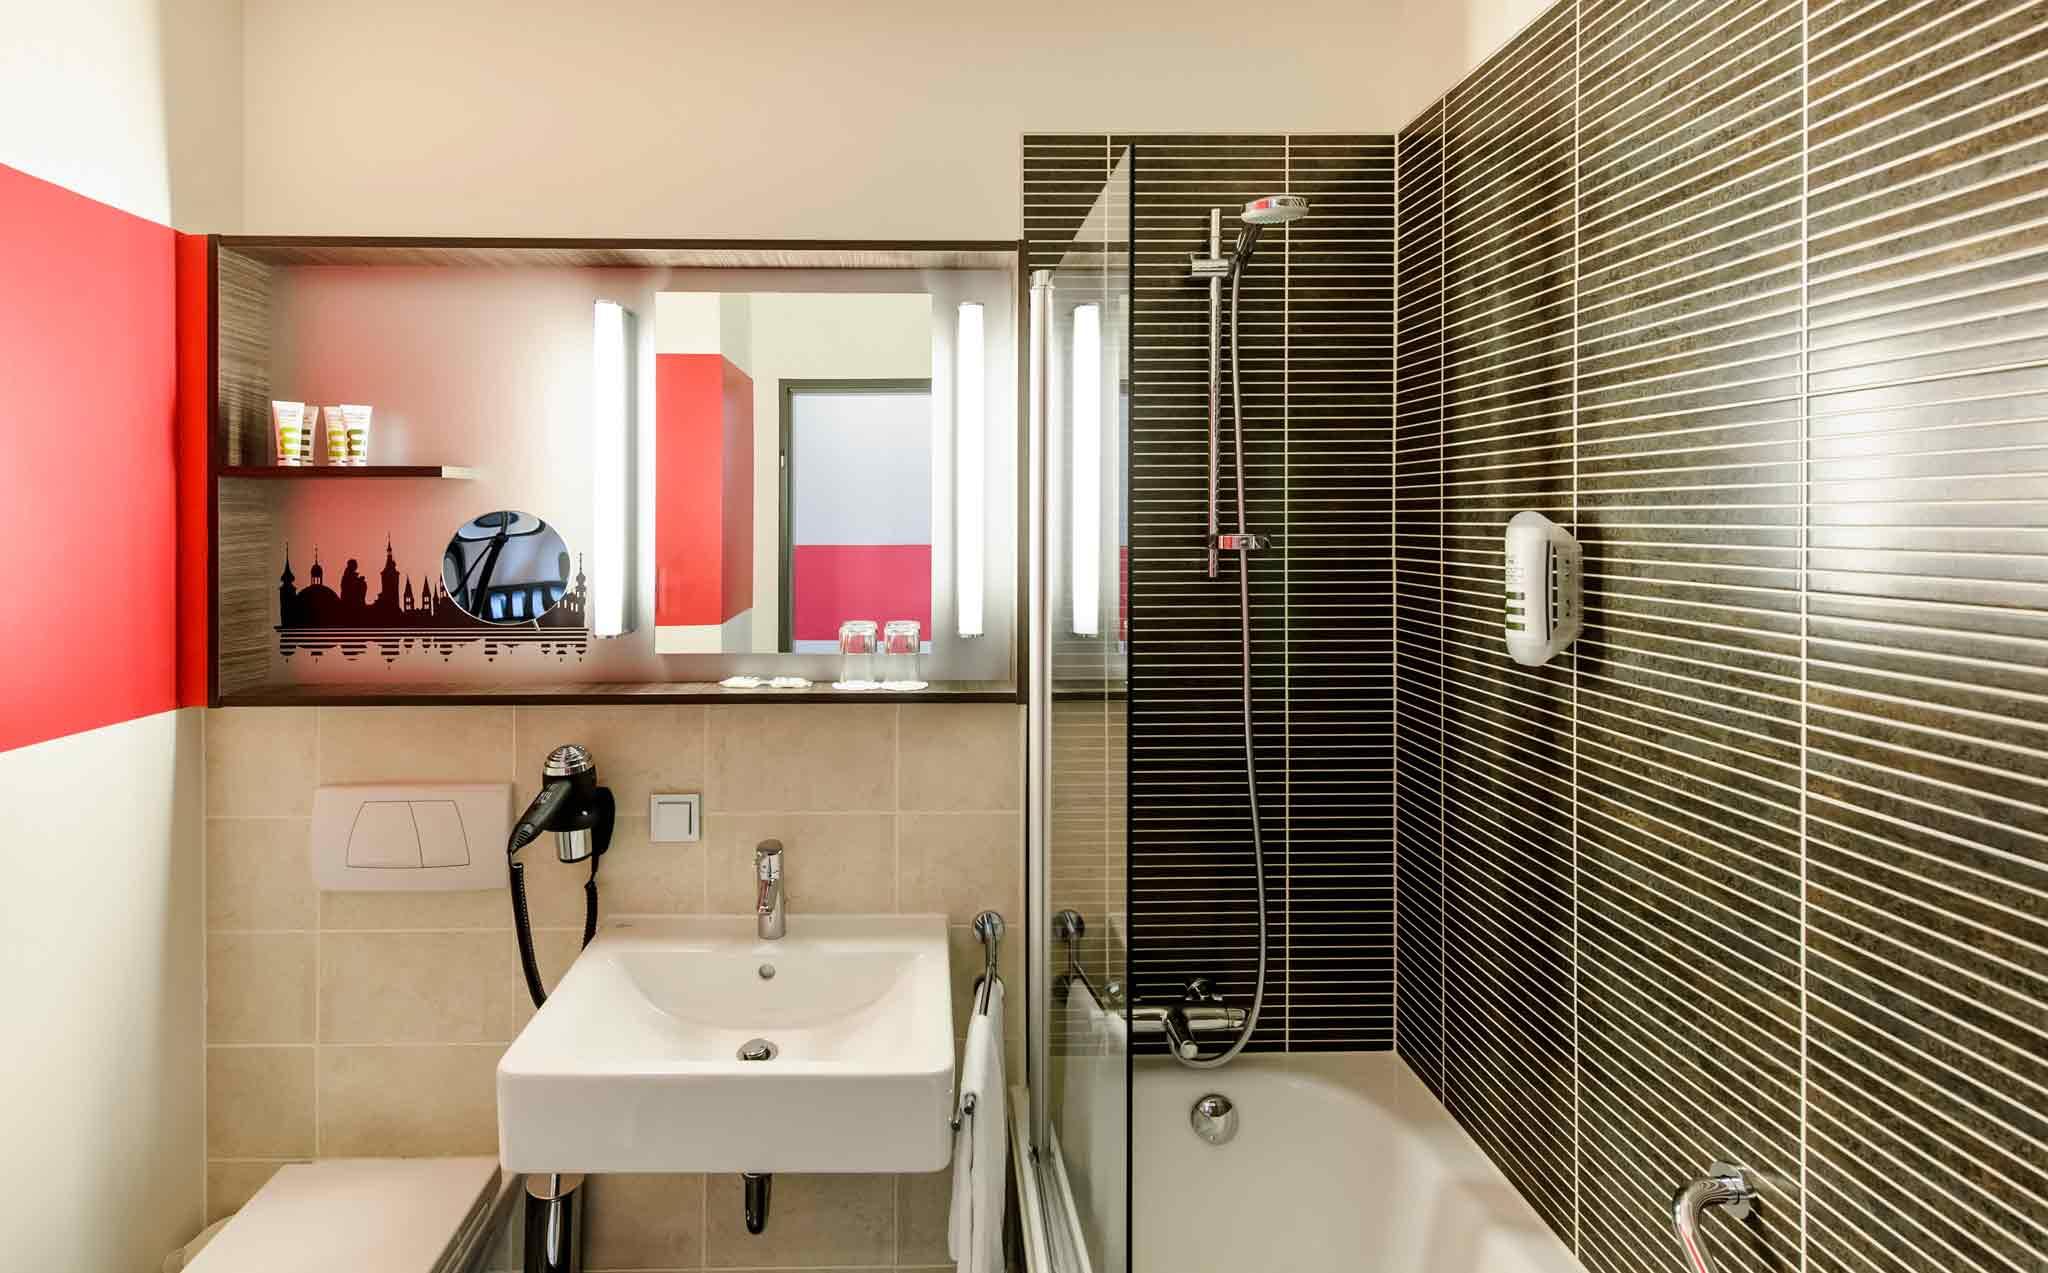 Hotels fachsektionstage geotechnik for Ubernachten in wurzburg